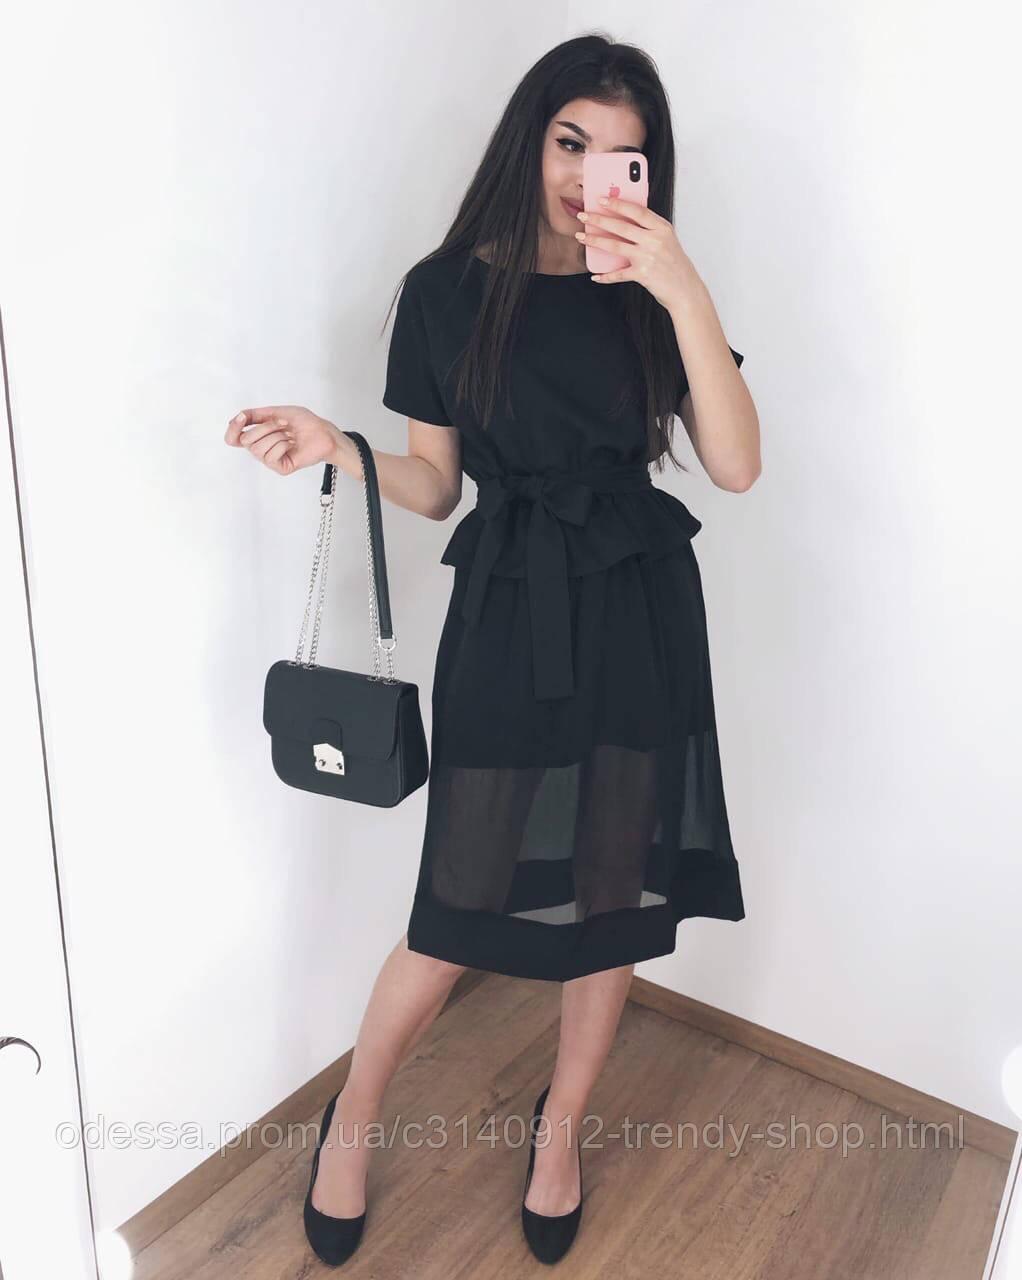 Платье женское вечернее чёрное, 42-46